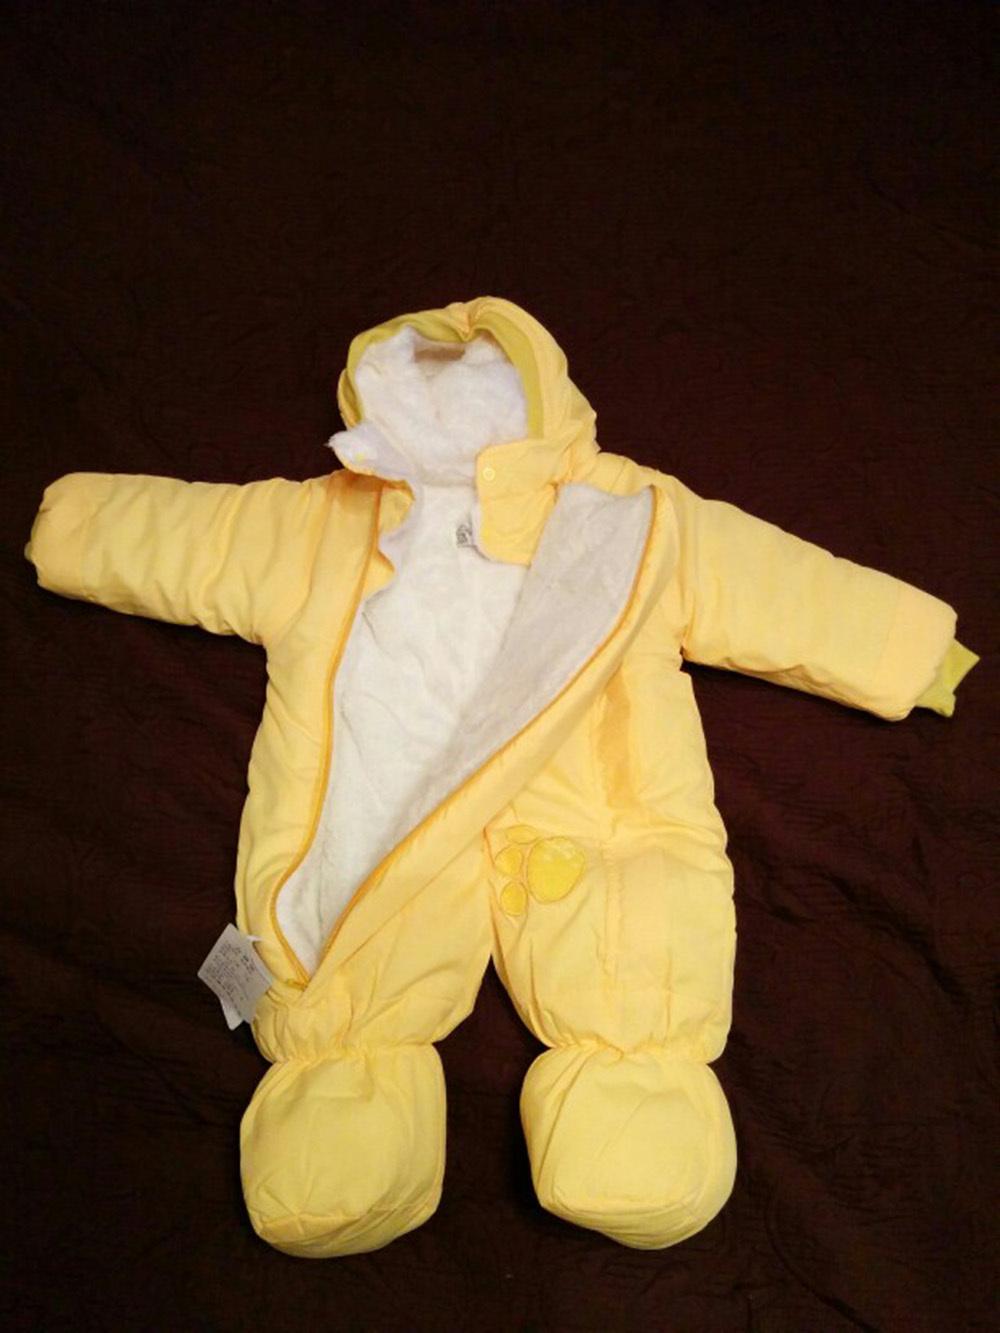 Скидки на Детские расстроен хлопка-мягкие одежды пальто комбинезоны новорожденных животных, одежда подняться пуховик ткани зима на одежду